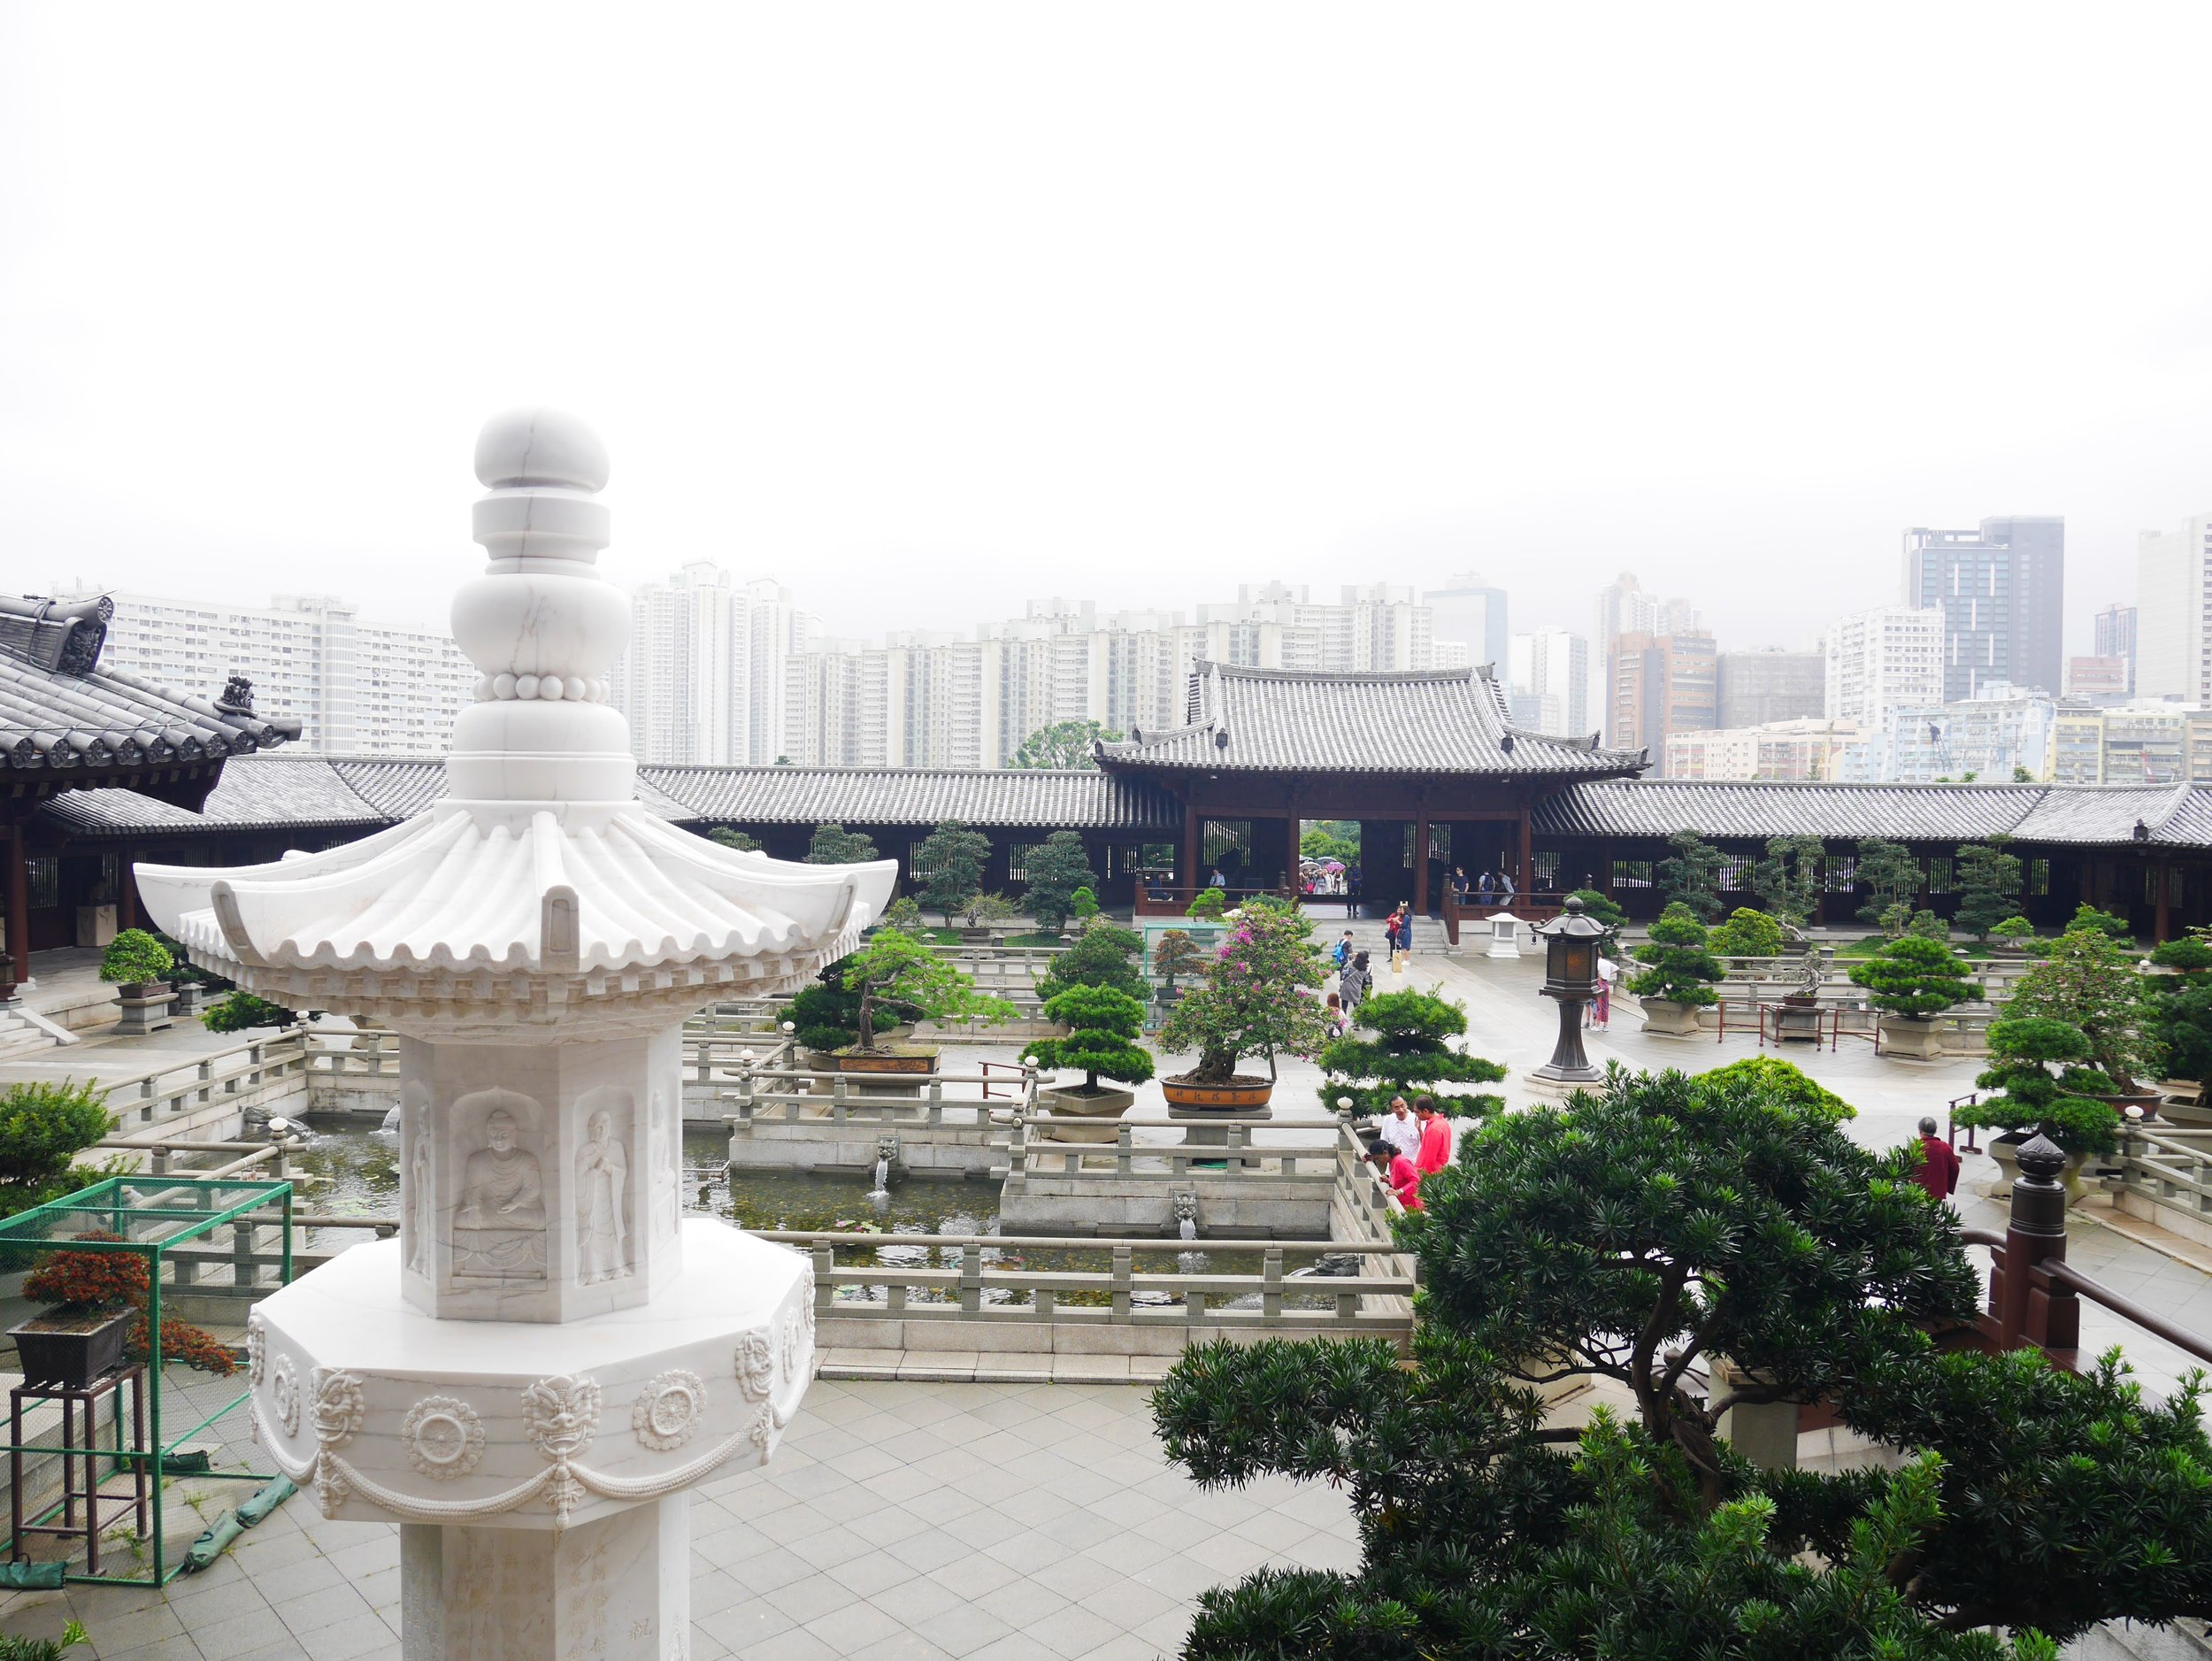 Chi Lin Nunnery courtyard and fish ponds, Kowloon, Hong Kong